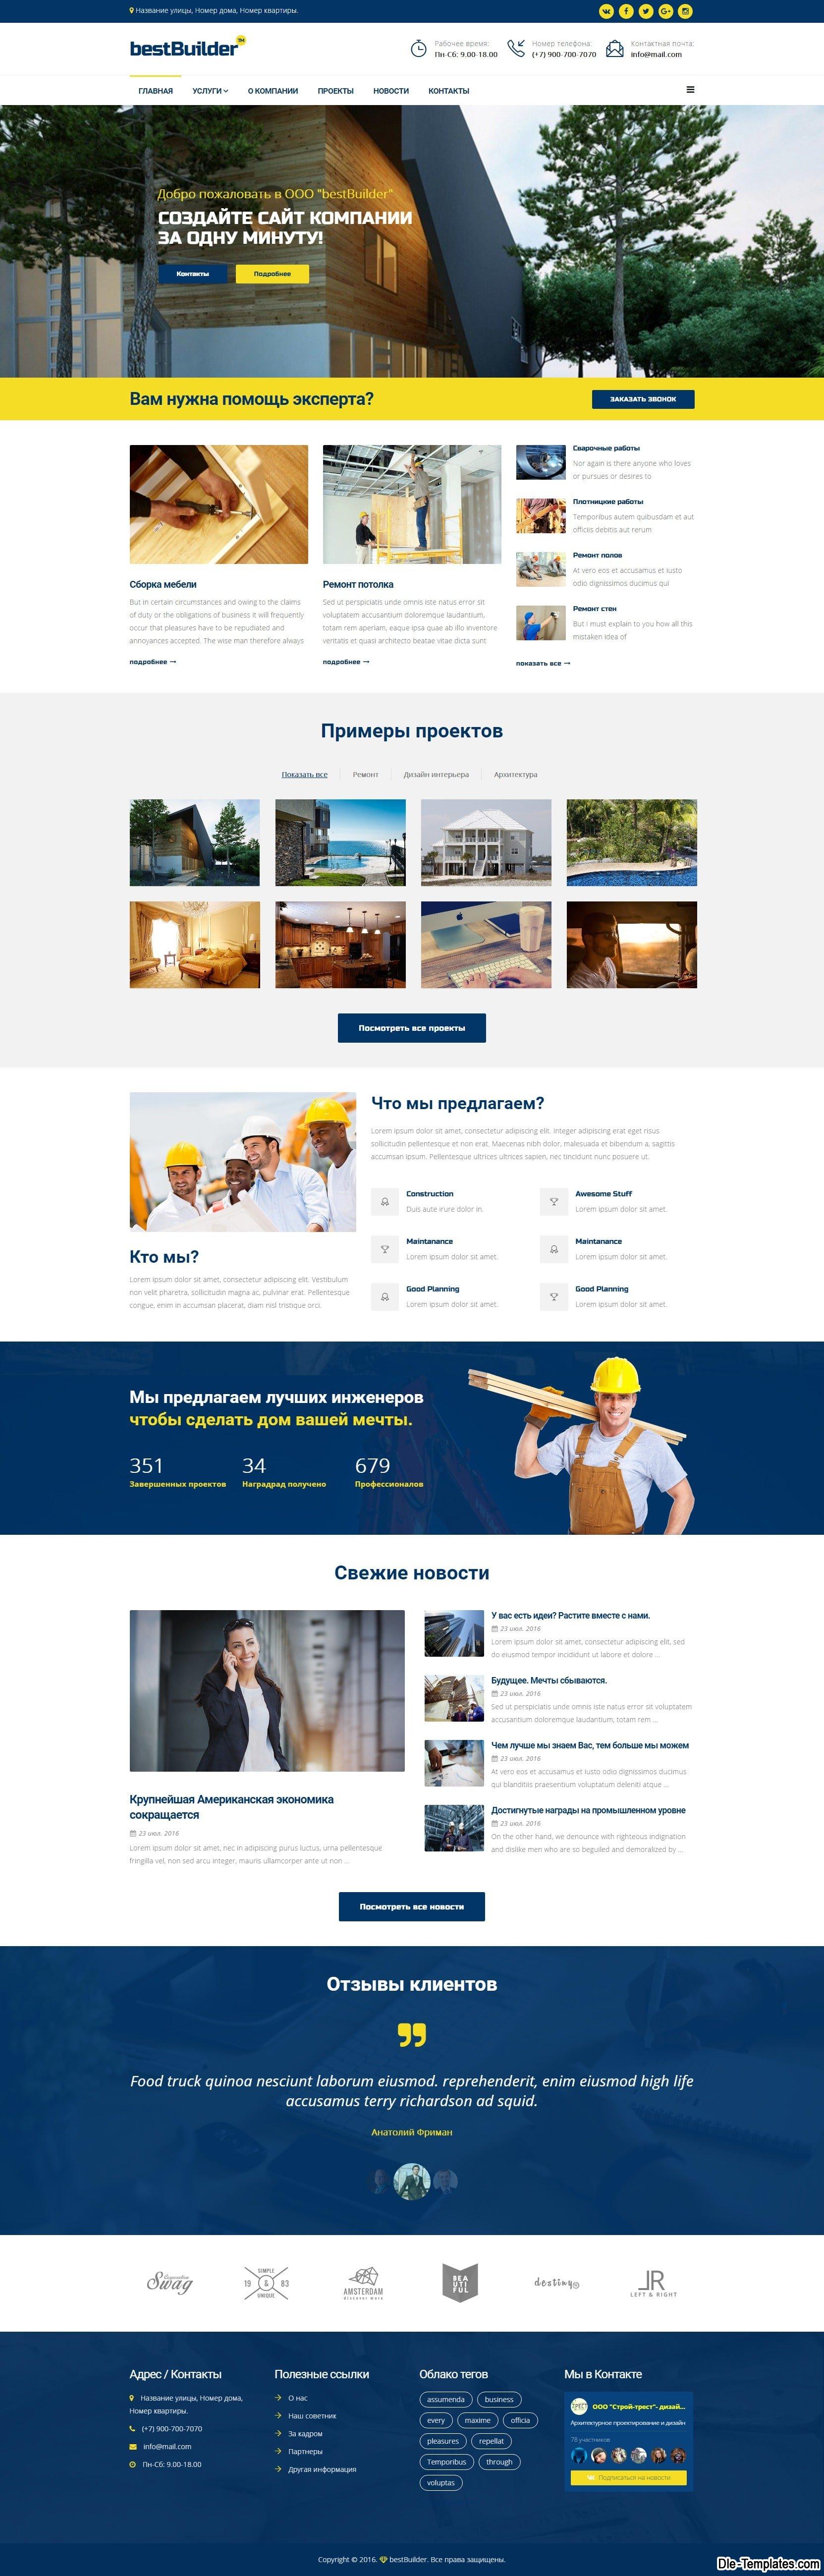 BestBuilder - шаблон сайта строительной компании для DLE | Building ...